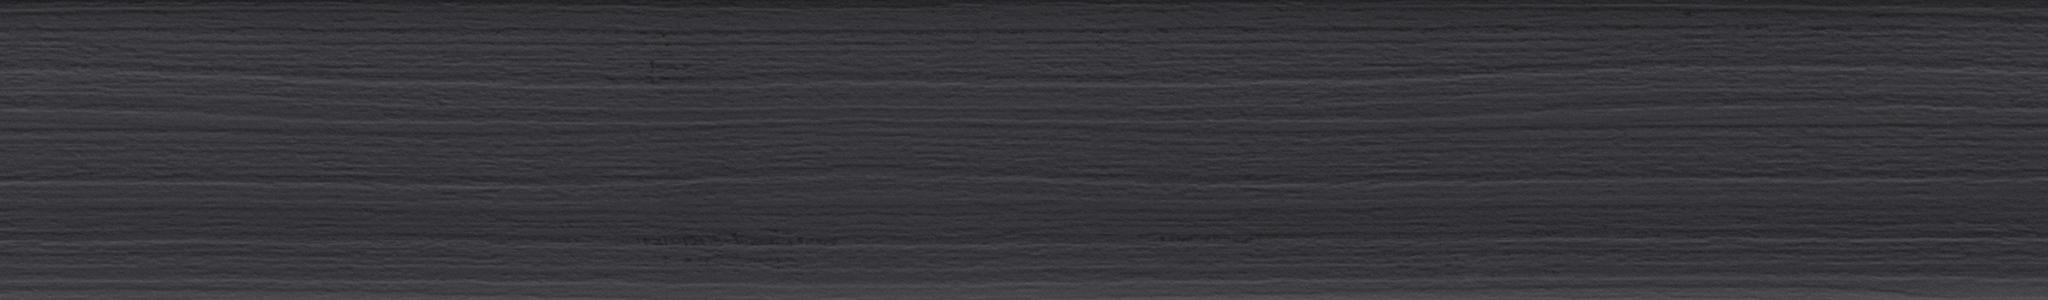 HU 193031 ABS hrana černá gravír vlna 105